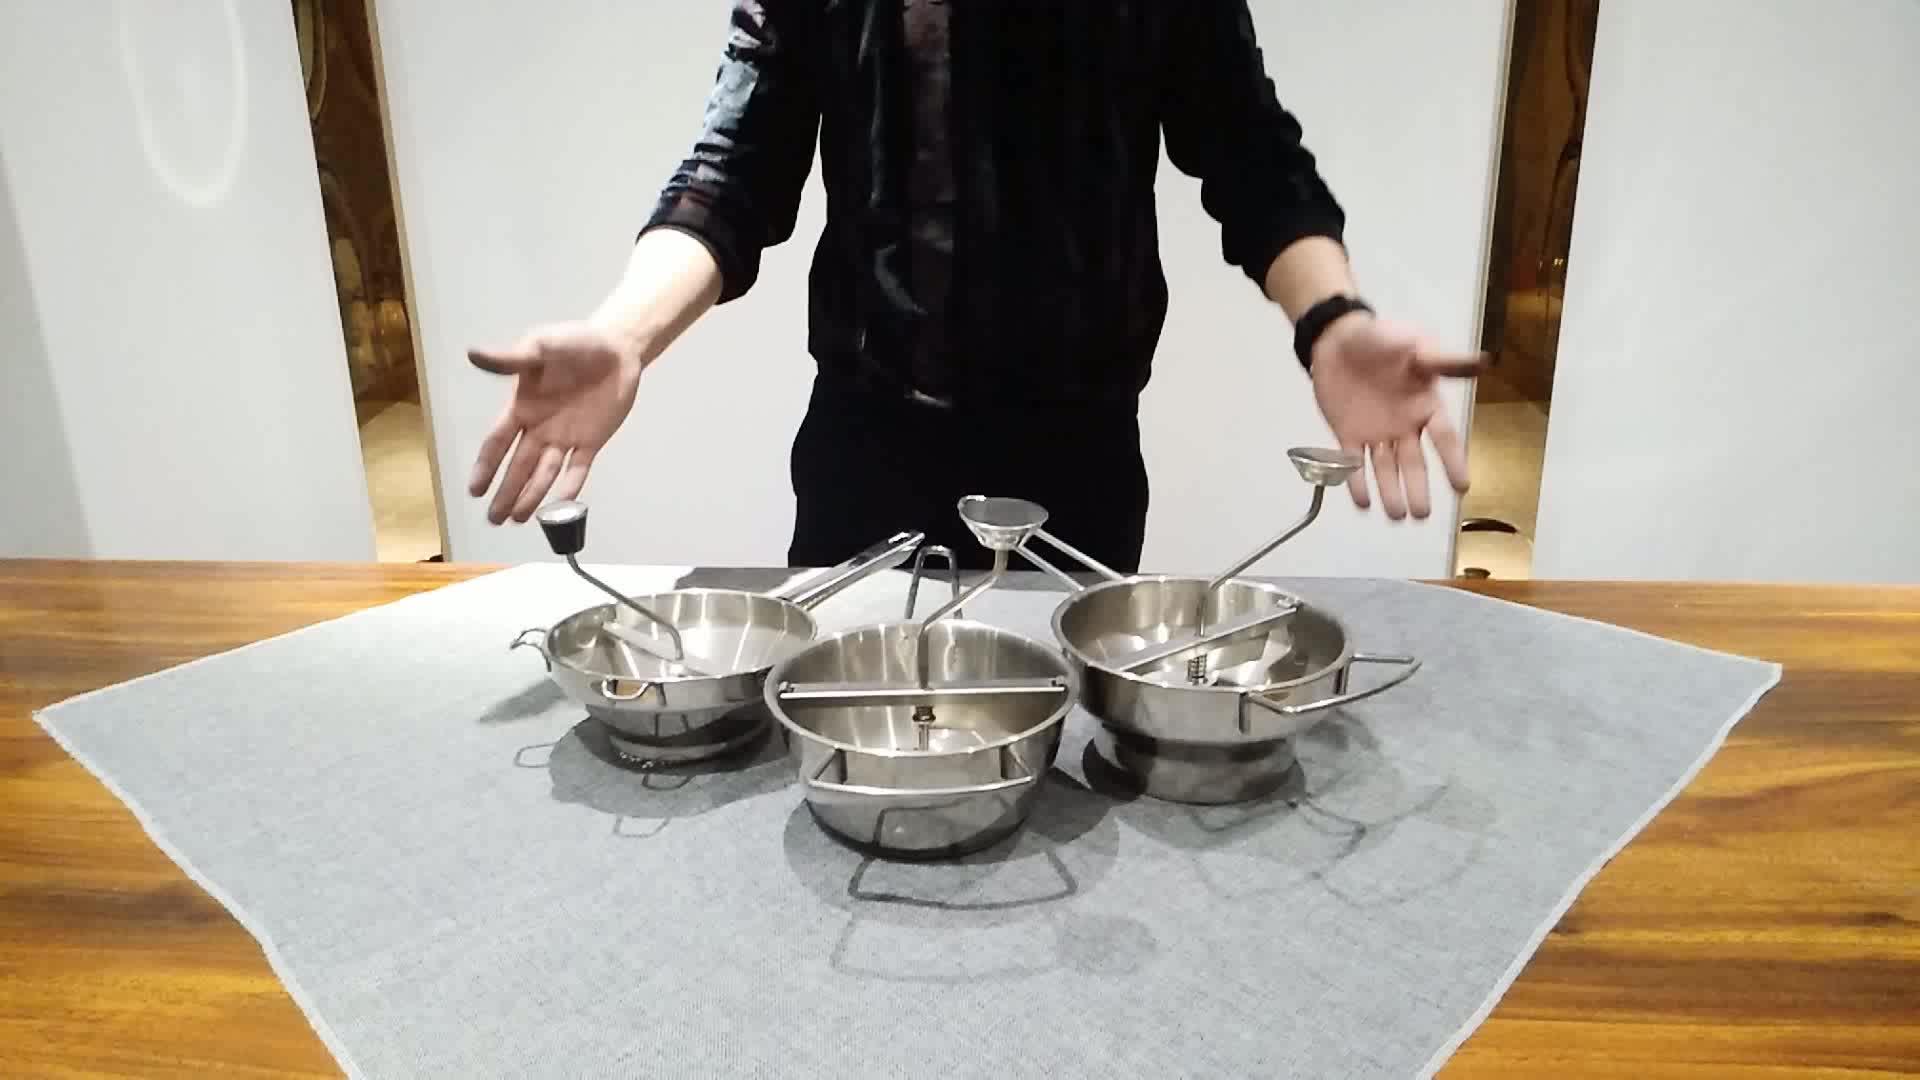 HG Multifunctionele Keuken Gereedschap groente molen roerzeef